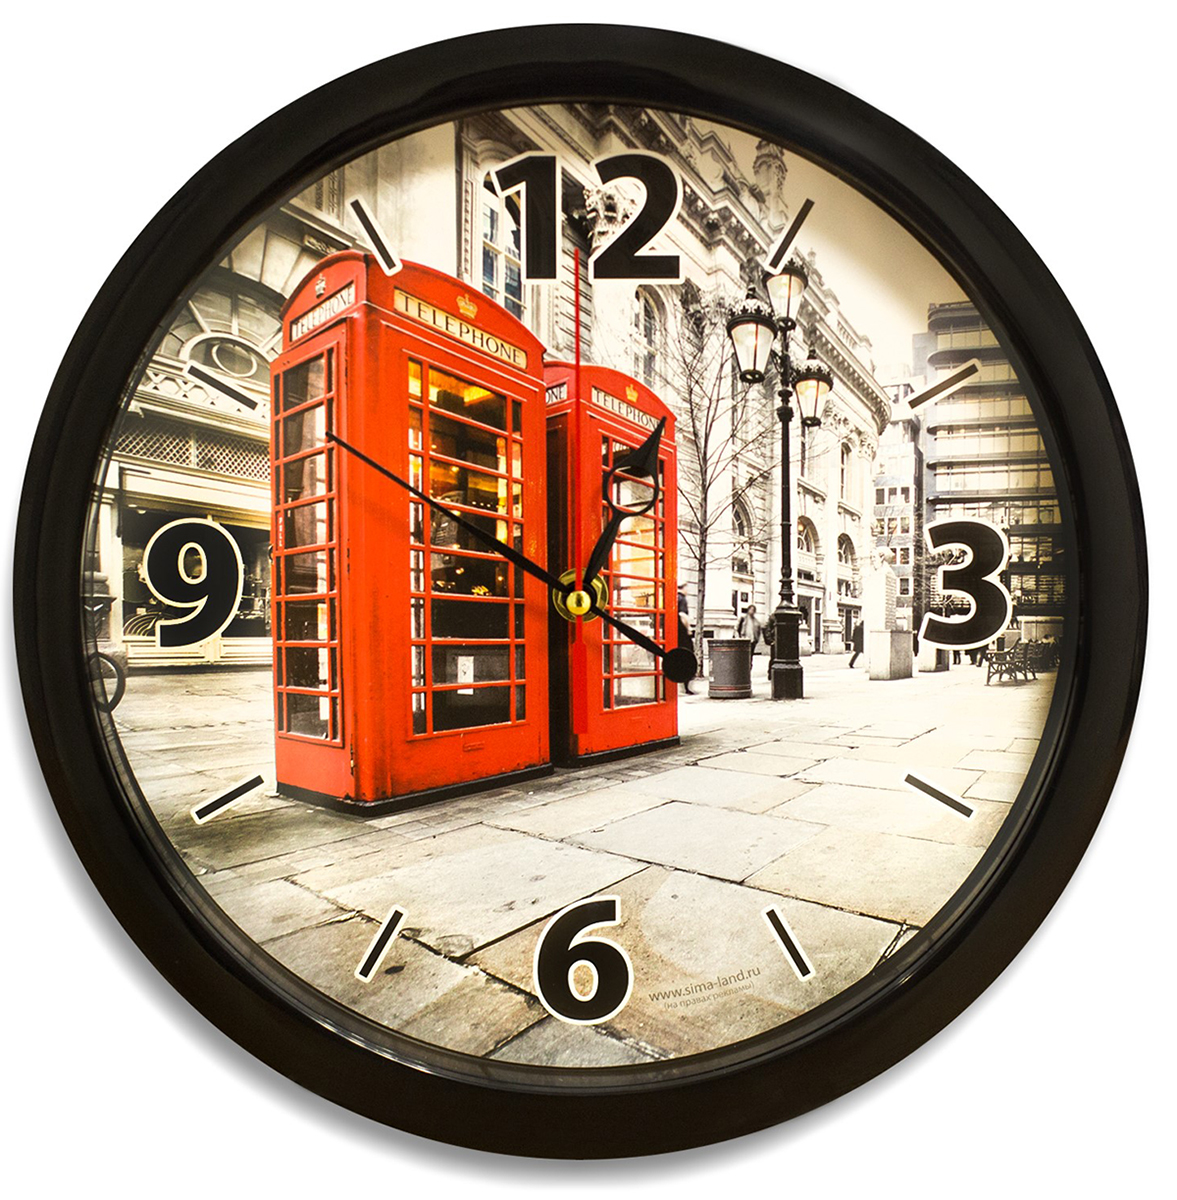 Часы настенные Соломон Телефонные будки хочу продать свою квартиру которая менее 3х лет и другую какие налоги надо заплатить